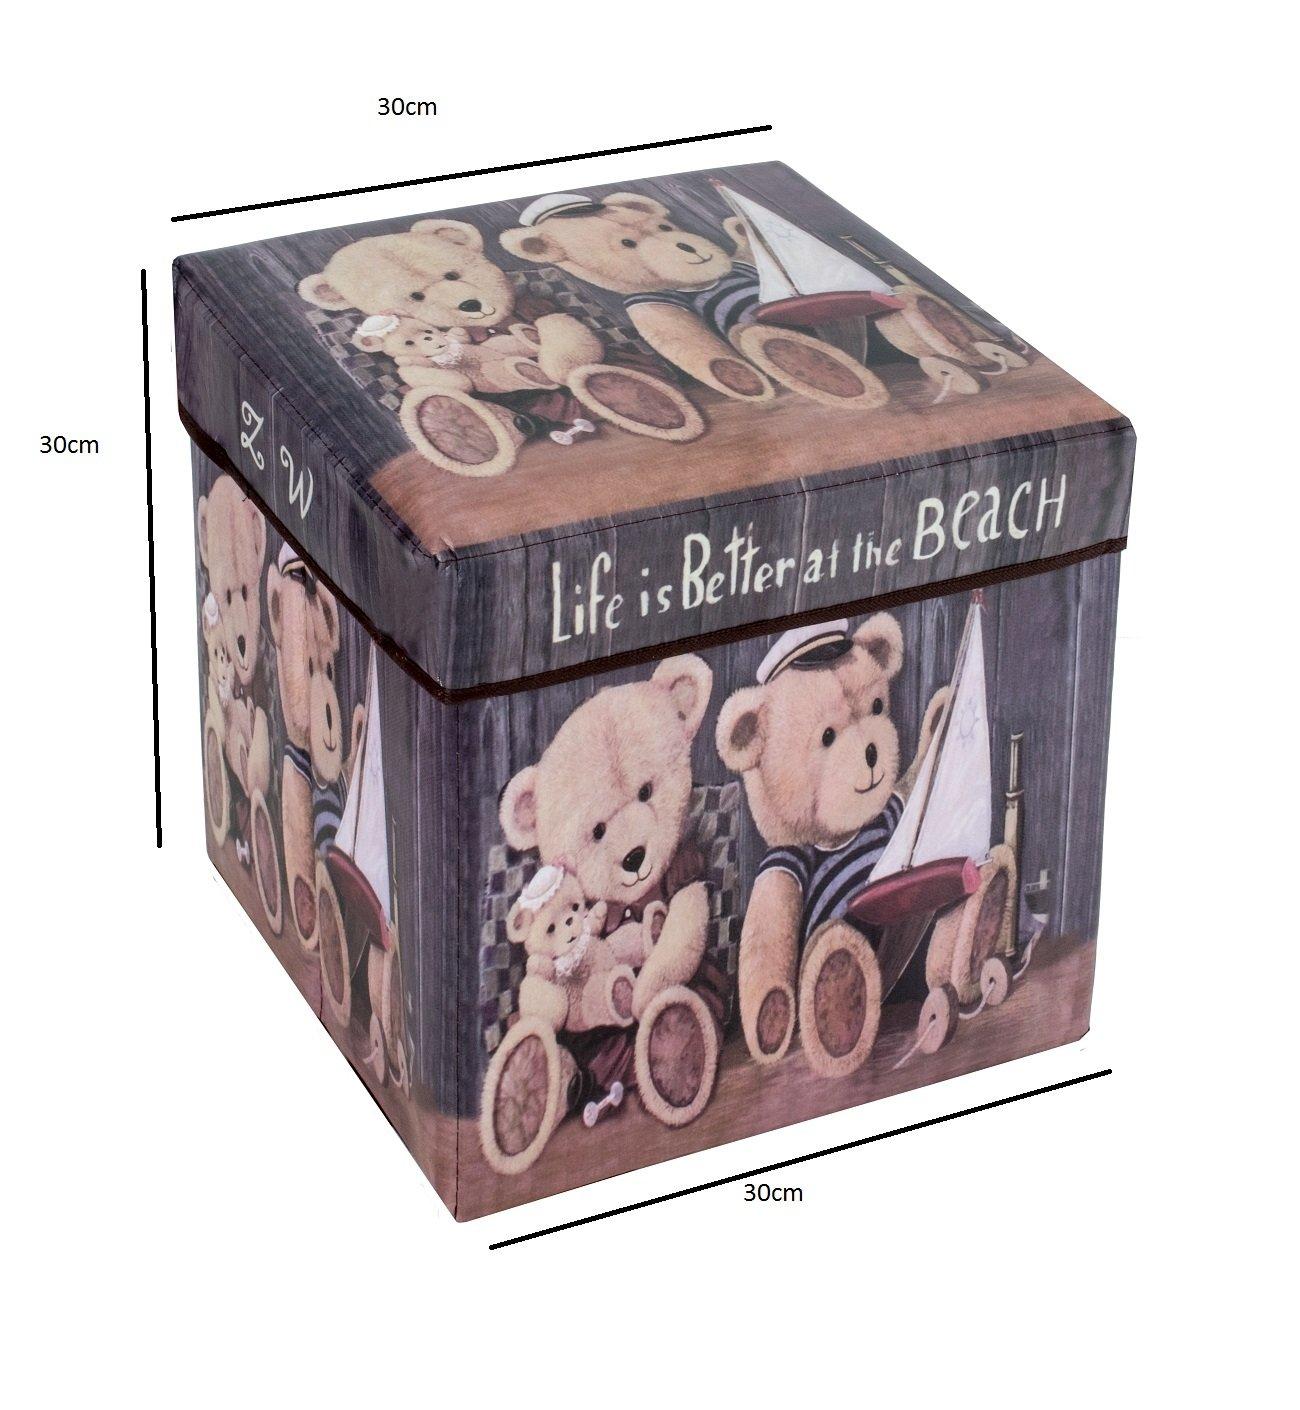 Amazinggirl Taburete con Espacio de Almacenamiento Plegable y con Motivos Modernos Taburete Plegable como Caja de Almacenamiento Cubo y Tapa (Bears, ...